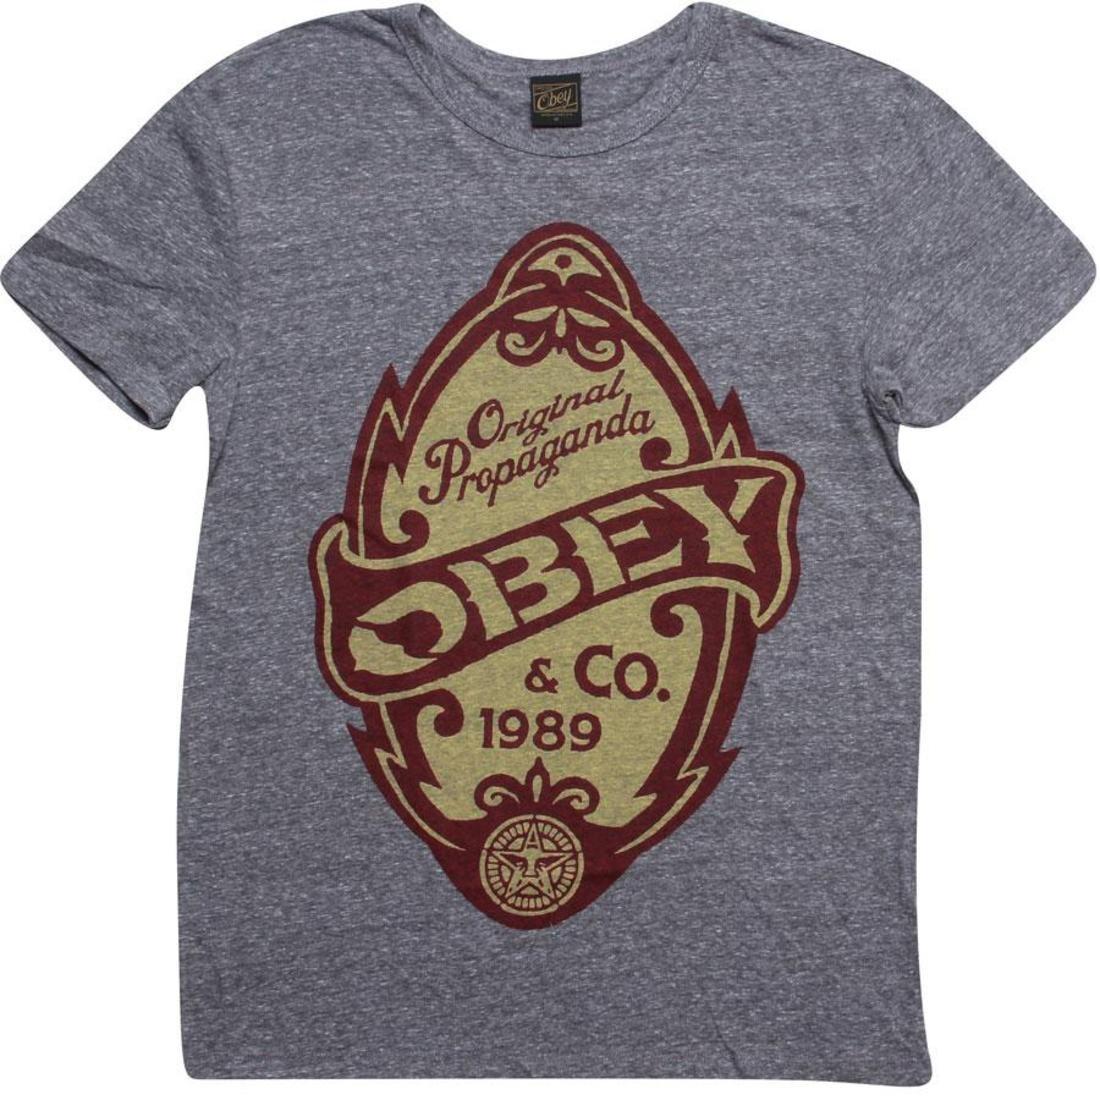 OBEY Tシャツ ヘザー GRAY灰色 グレイ 【 HEATHER GREY OBEY ORIGINAL PROPAGANDA TEE 】 メンズファッション トップス Tシャツ カットソー